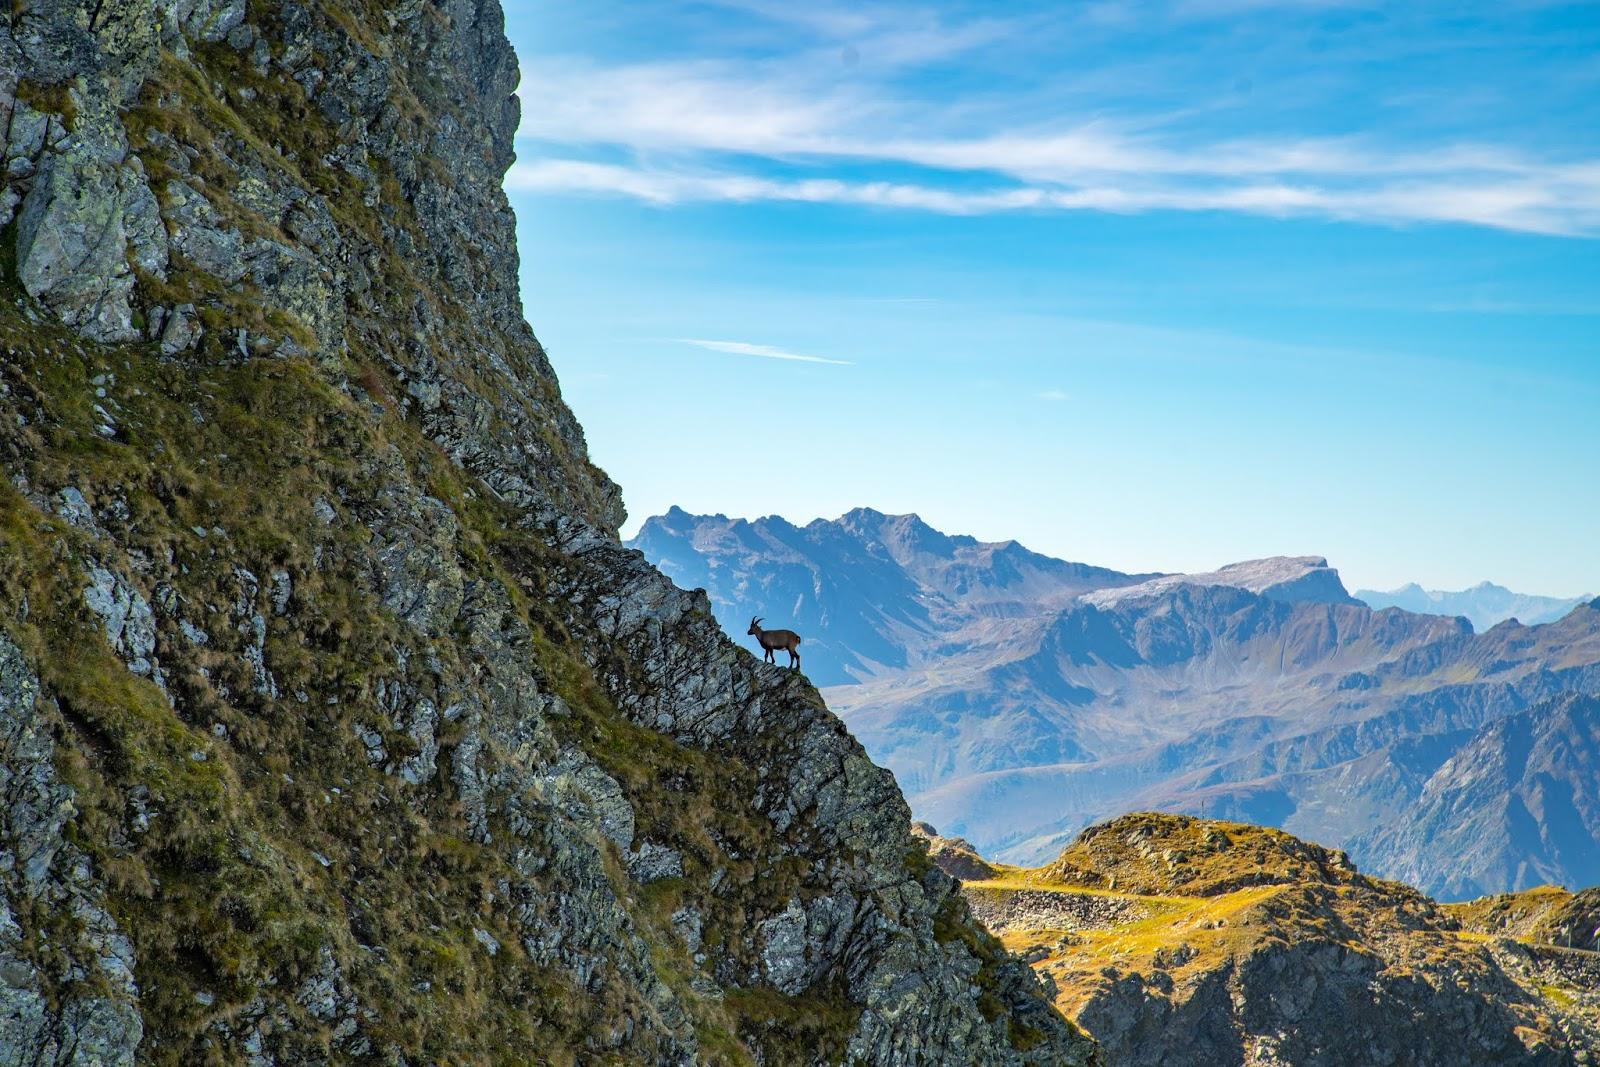 Klettersteig Hochjoch : Klettersteig beschreibung hochjoch